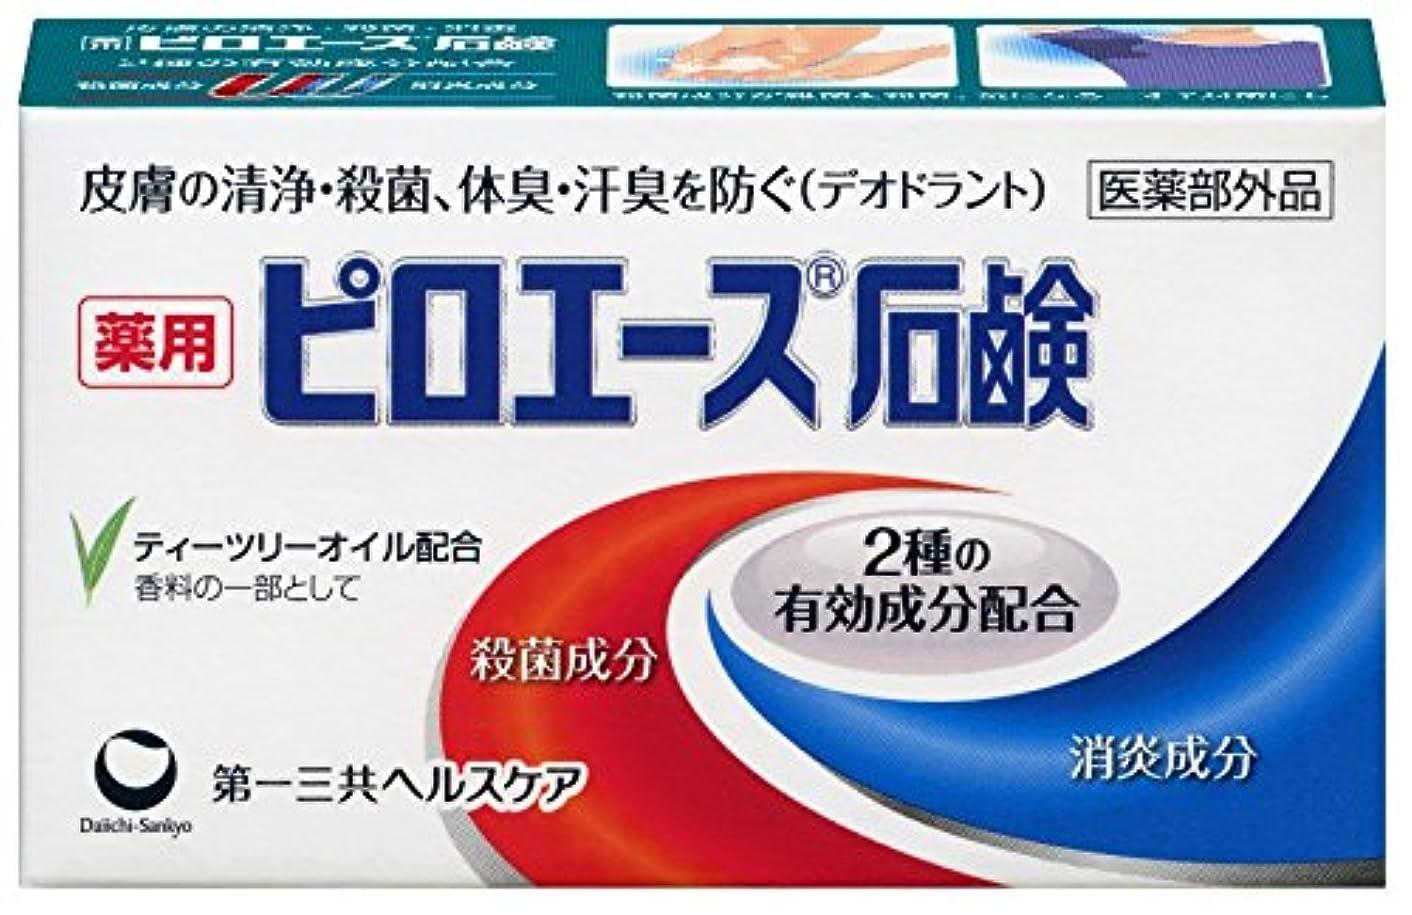 ゴールデン人類疑い第一三共ヘルスケア ピロエース石鹸 70g 【医薬部外品】